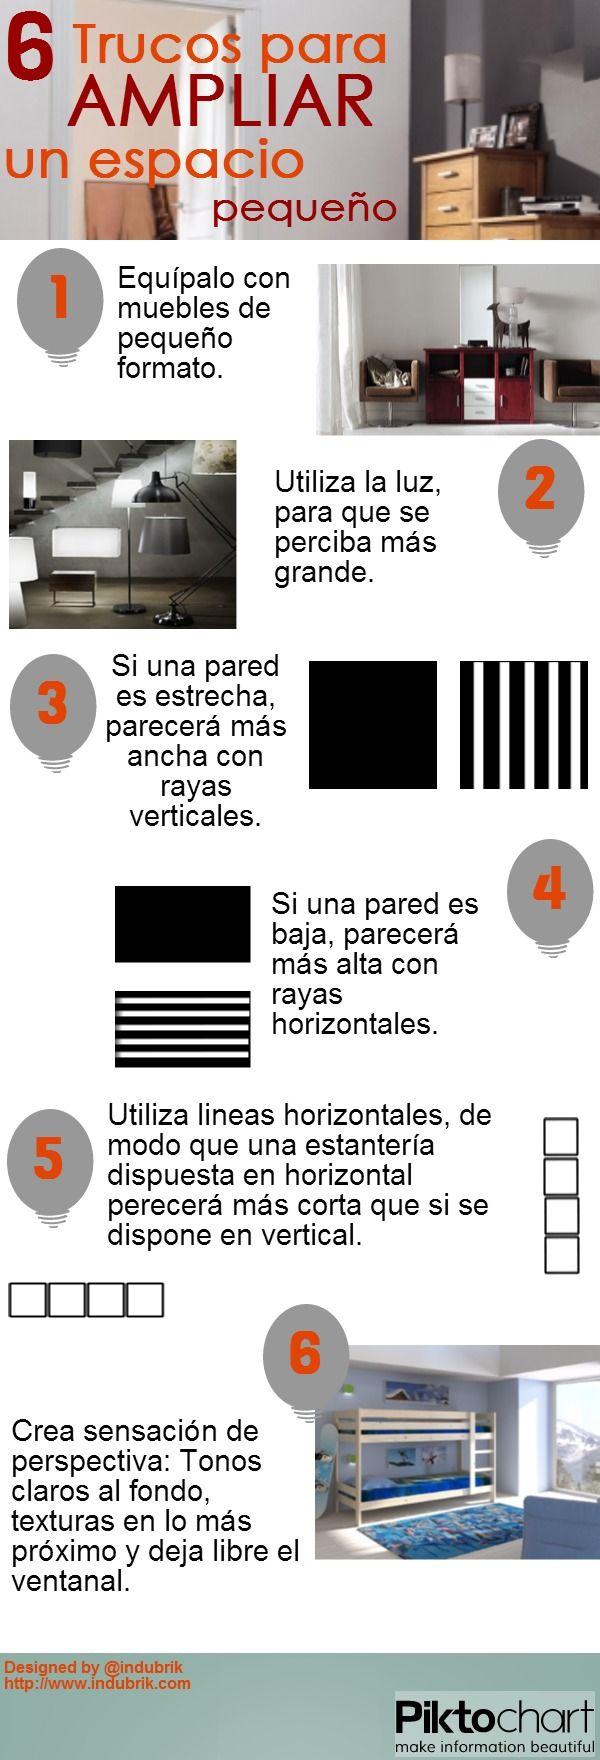 """6 trucos para """"ampliar"""" un espacio pequeño"""